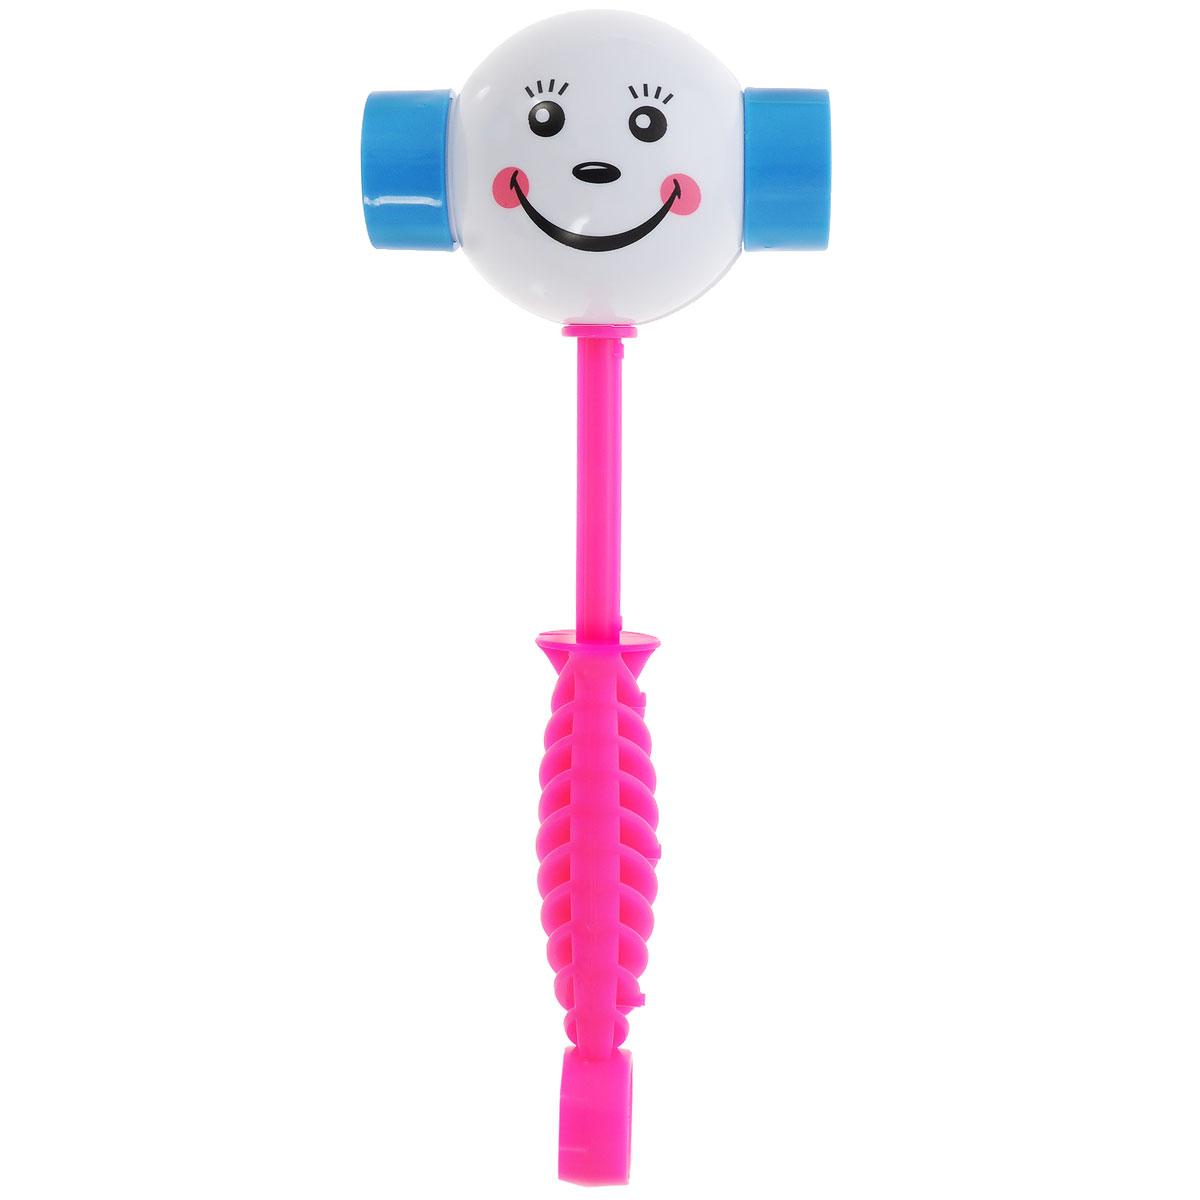 Развивающая игрушка Stellar Веселый молоточек, цвет: розовый, белый стеллар погремушка дудочка стеллар